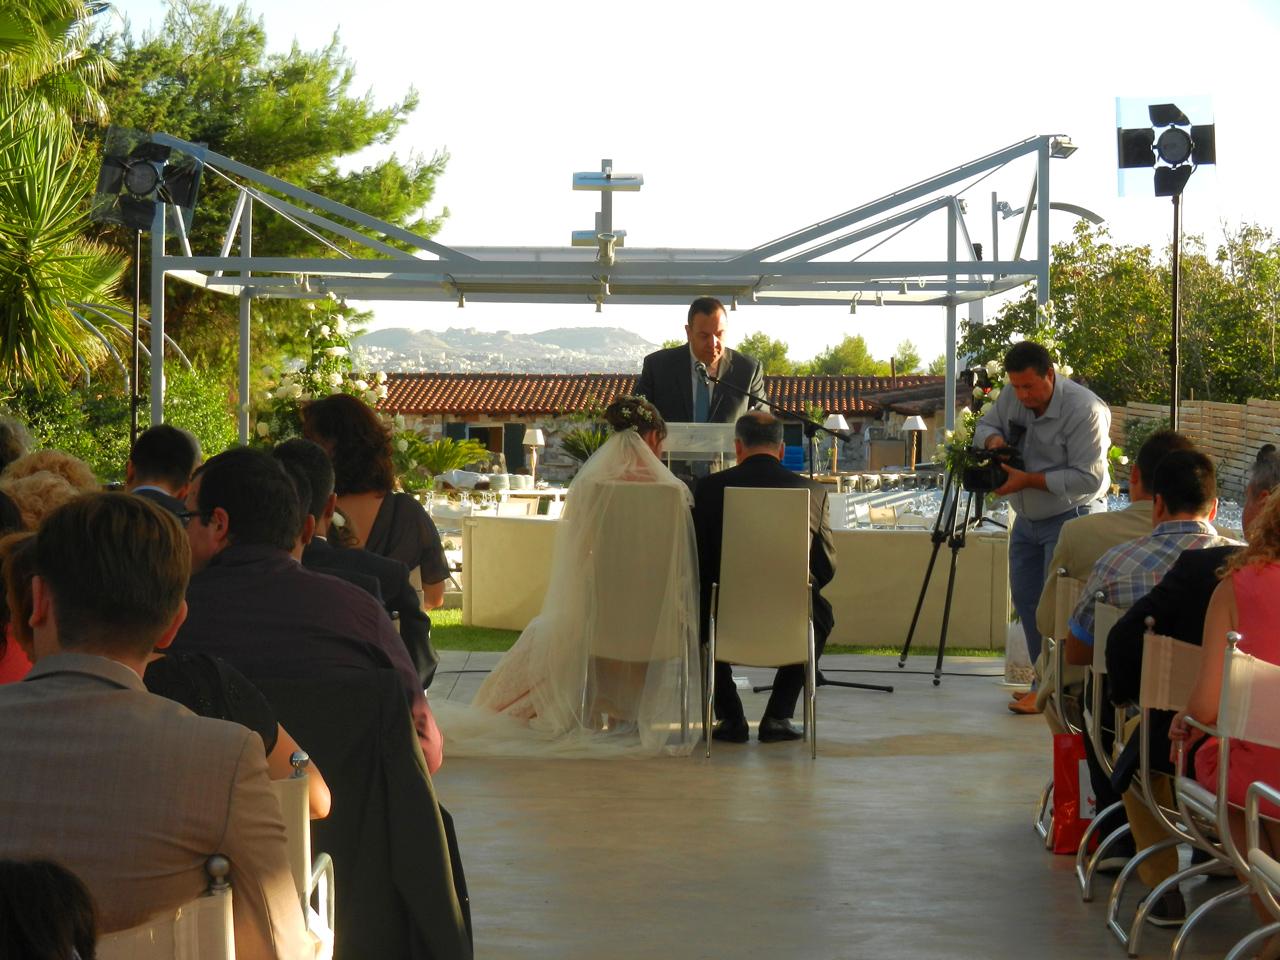 Γάμος στο Ακαλλίς και οι καλεσμένοι παρακολουθούν στις θέσεις τους